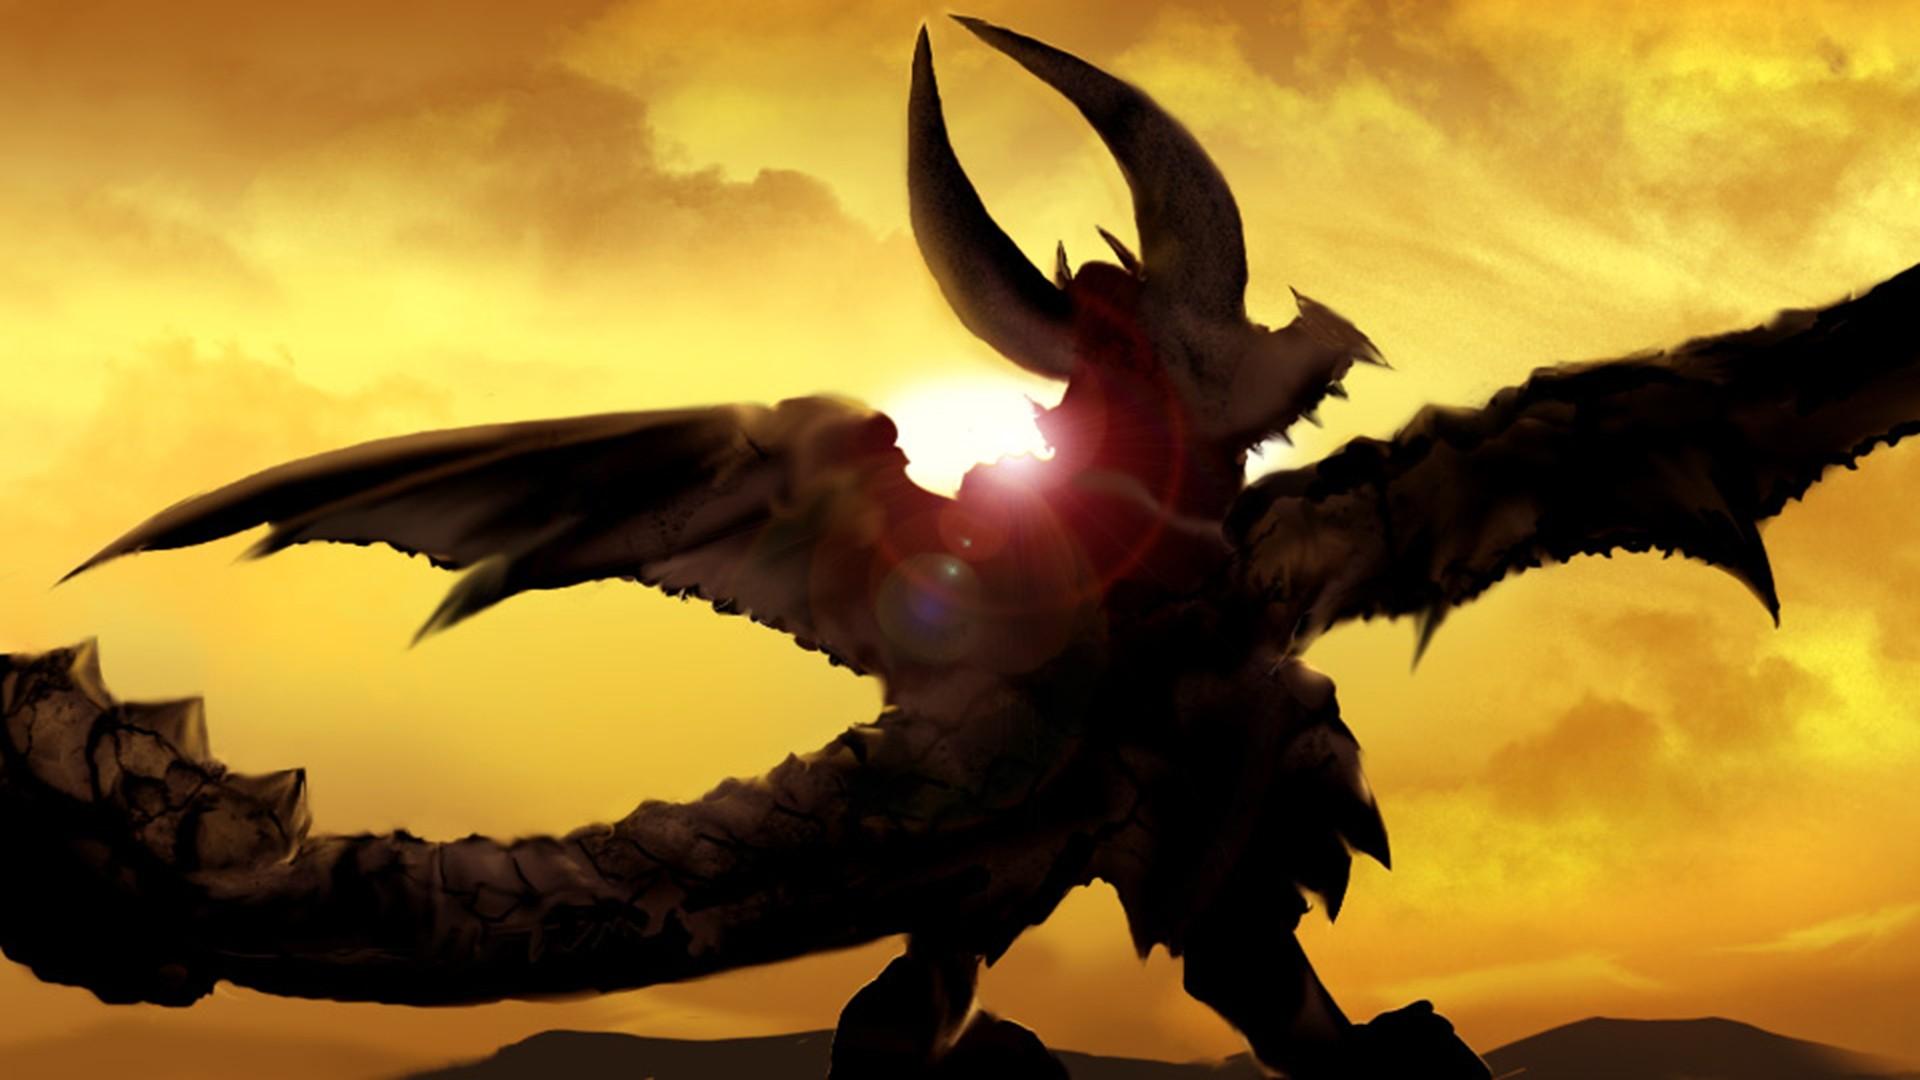 デスクトップ壁紙 ビデオゲーム ドラゴン 悪魔